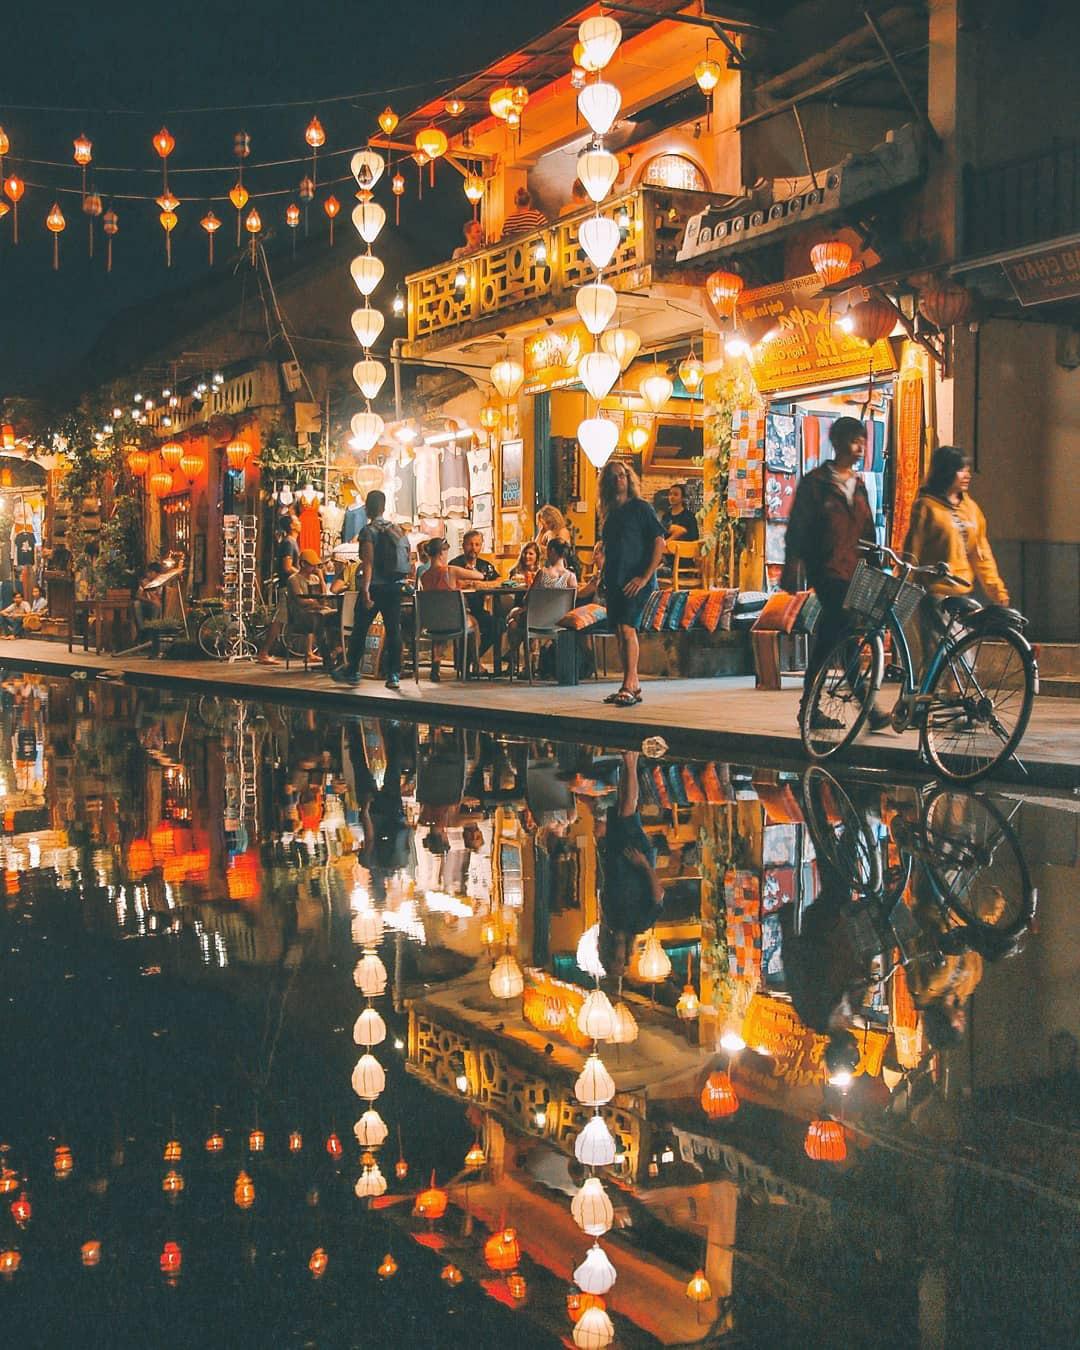 Tour du lịch Tết TP HCM - Đà Nẵng 3 ngày 2 đêm - Ảnh 10.